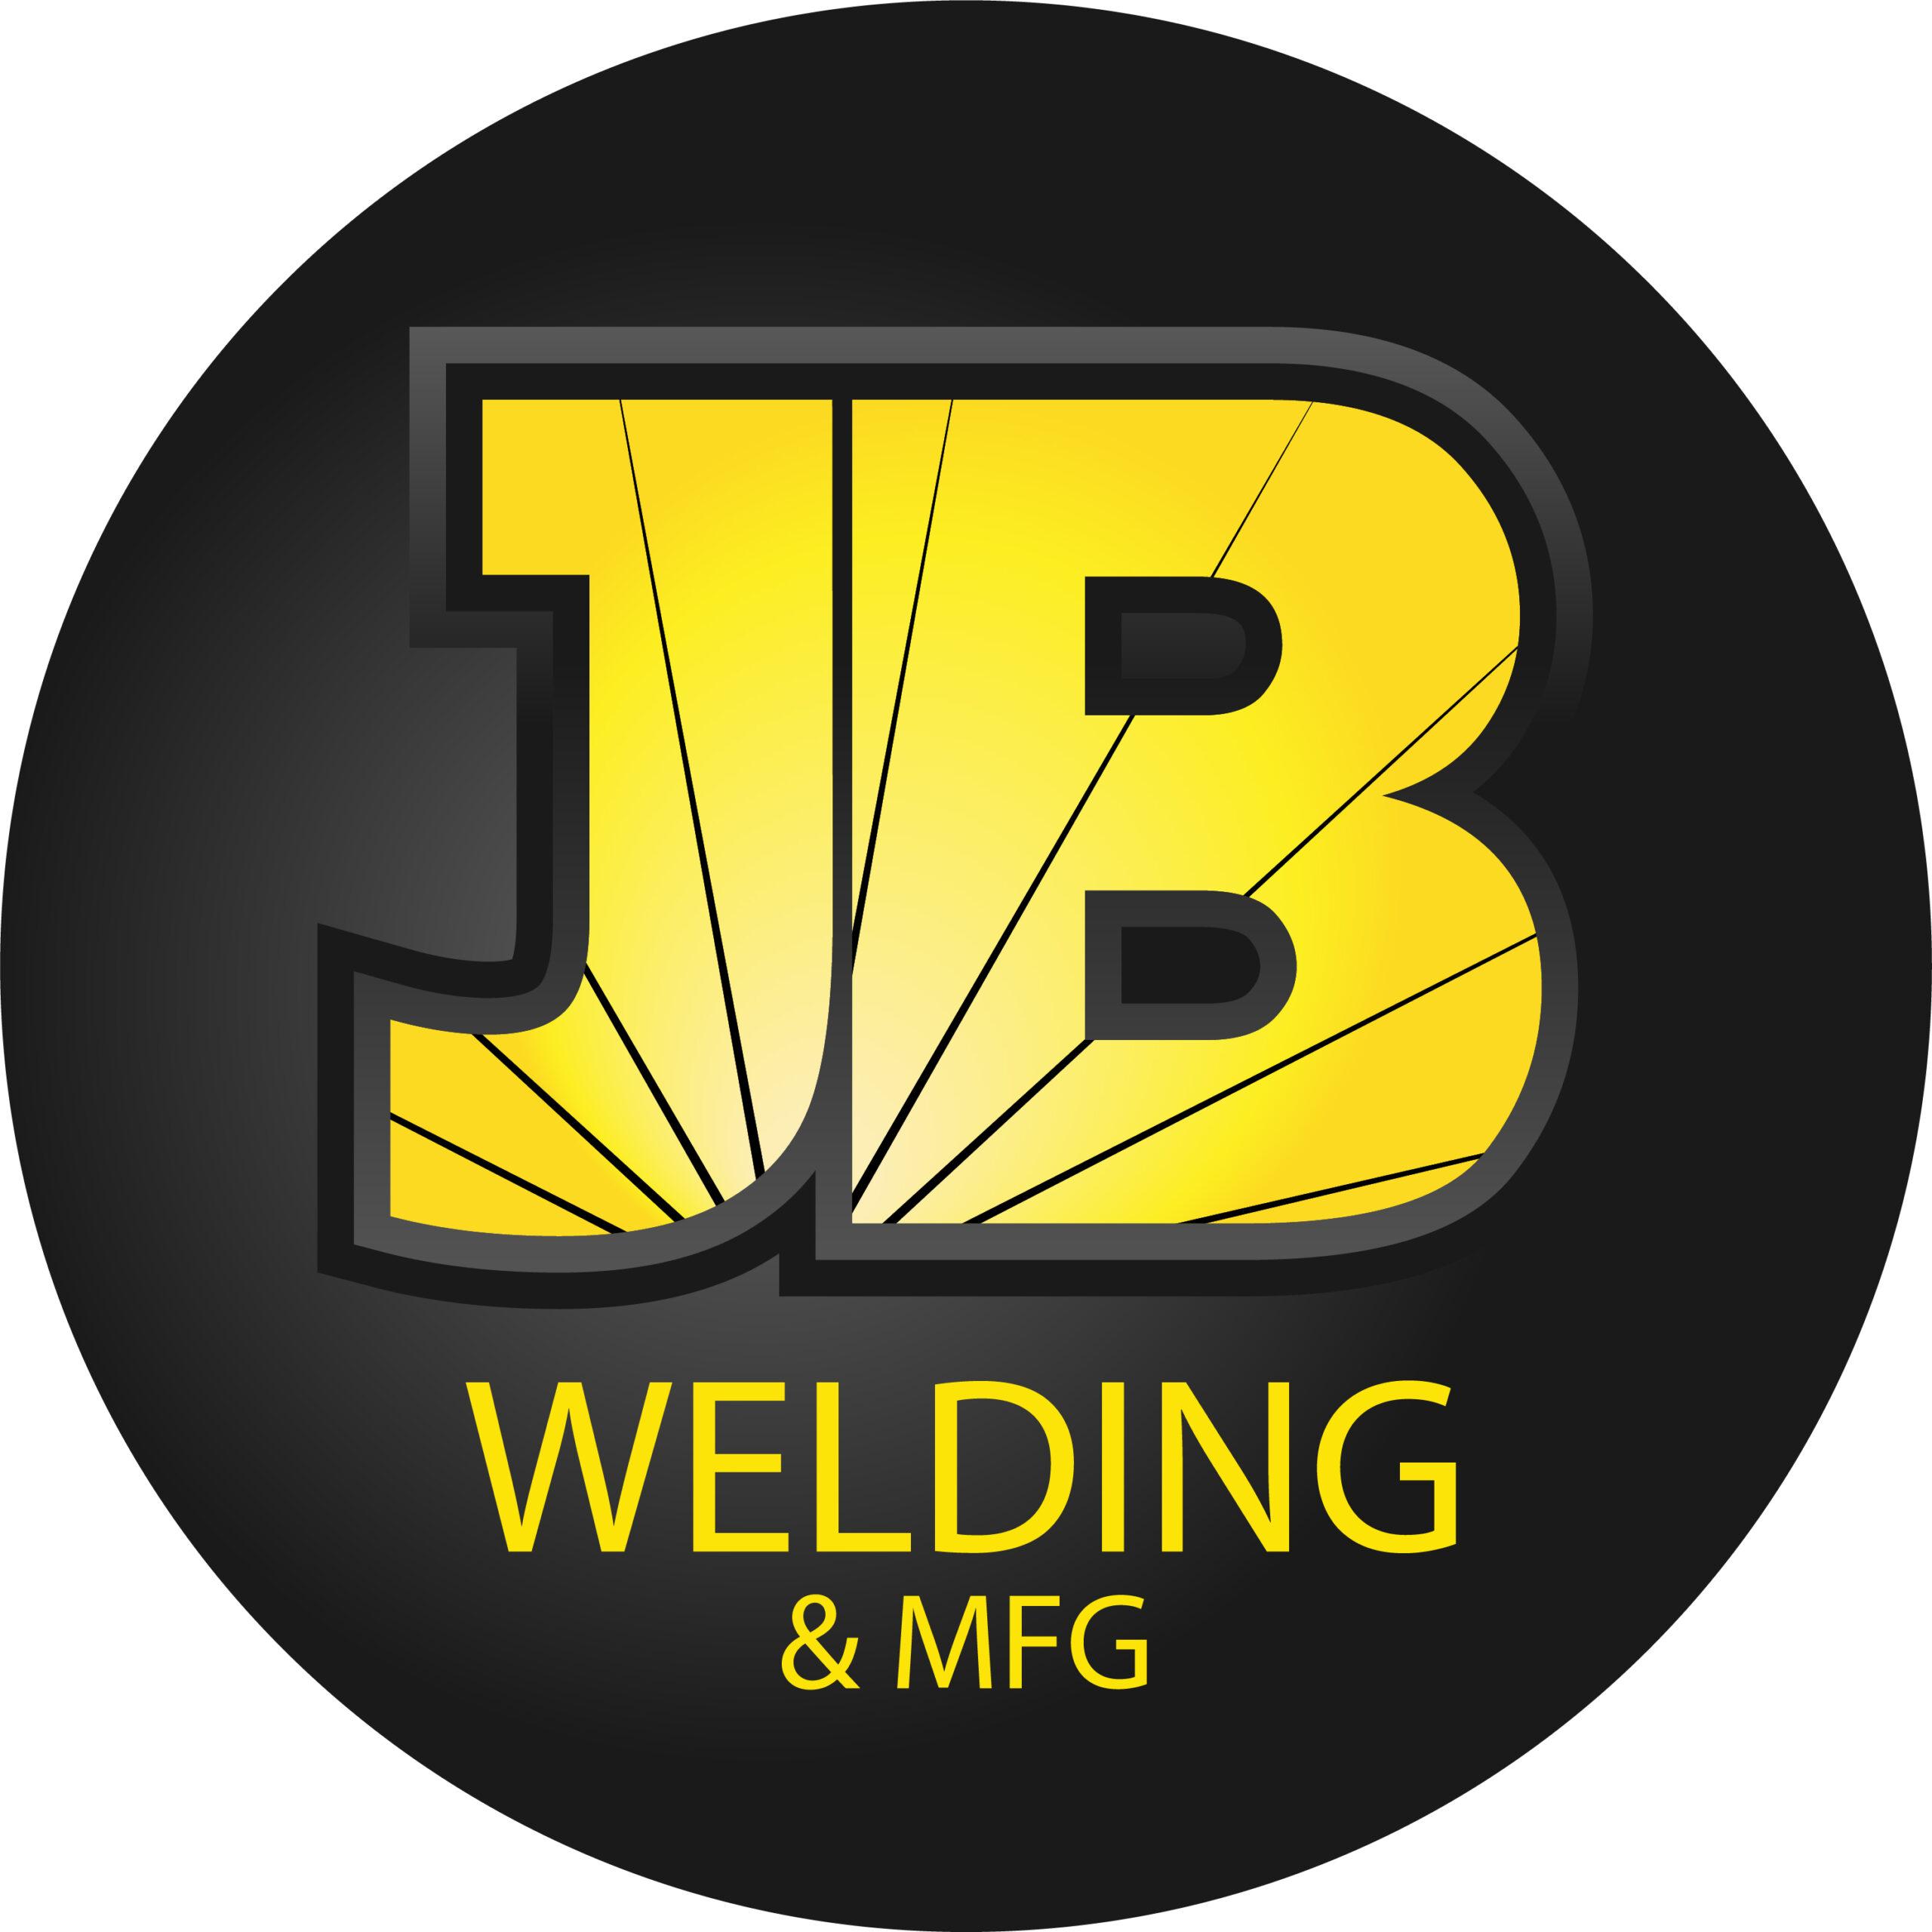 JB Welding_FINAL_LOGO-01